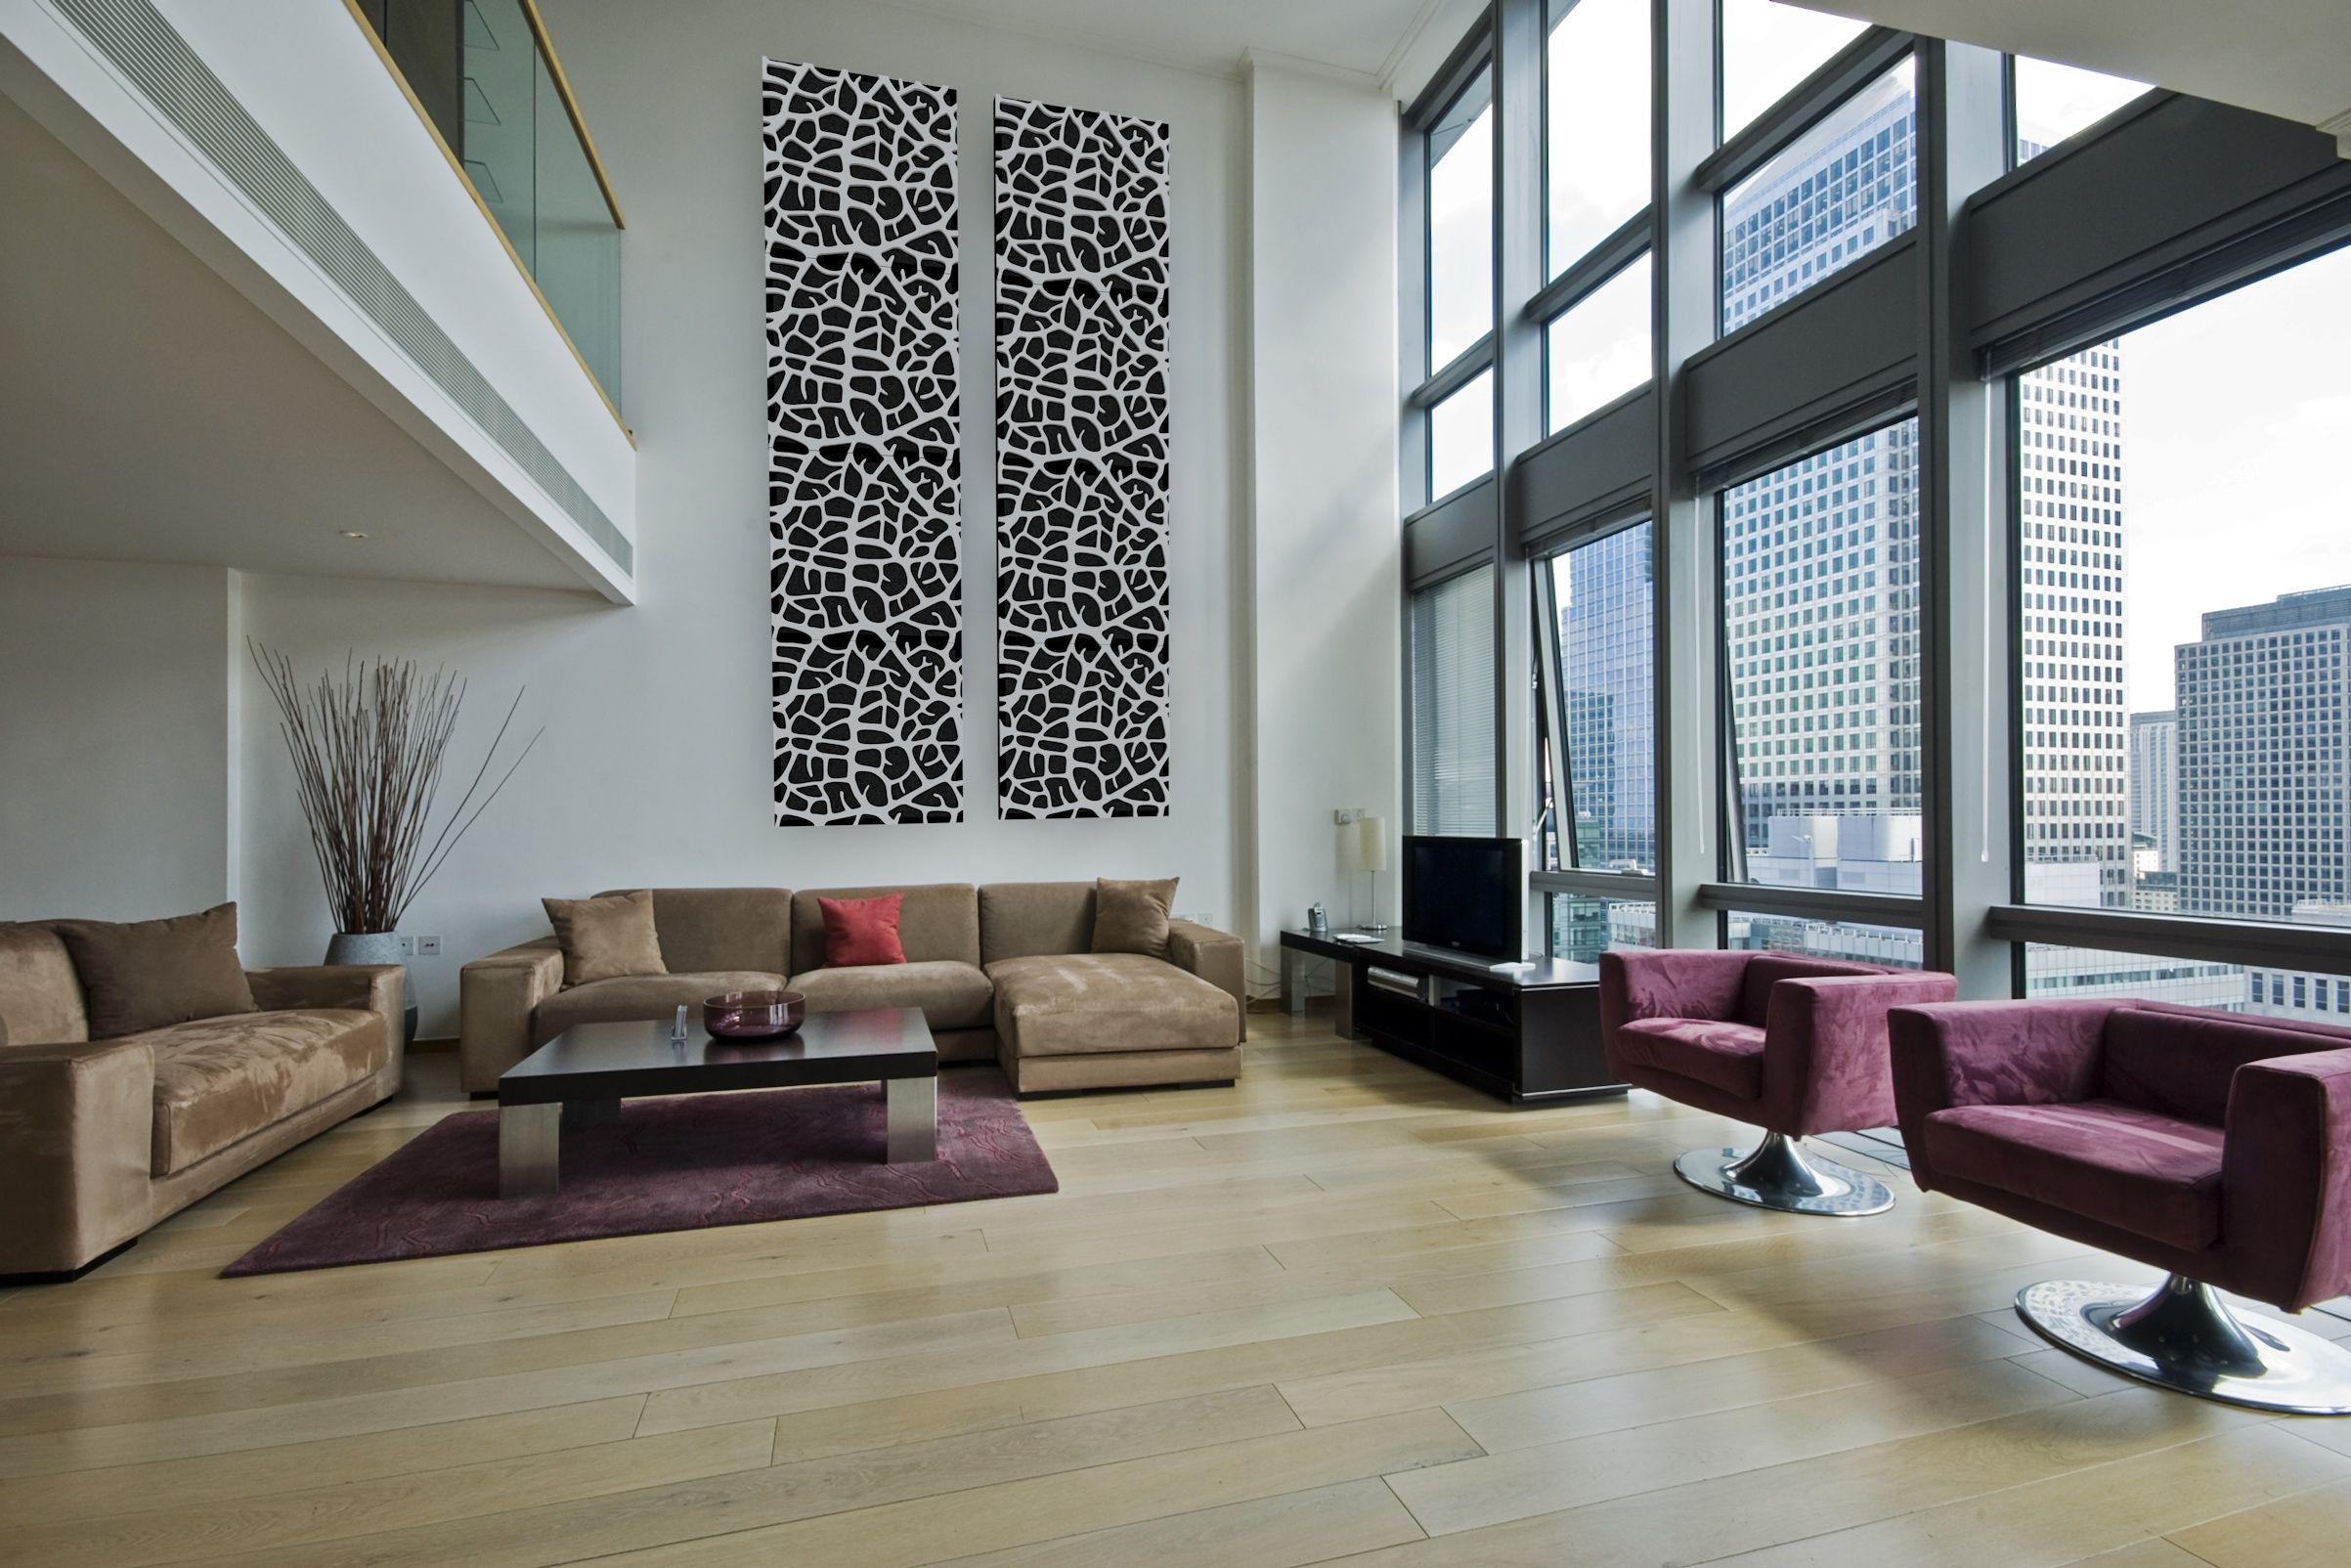 43 Wohnzimmer Decken Ideen | Haus Ideen - Part 2